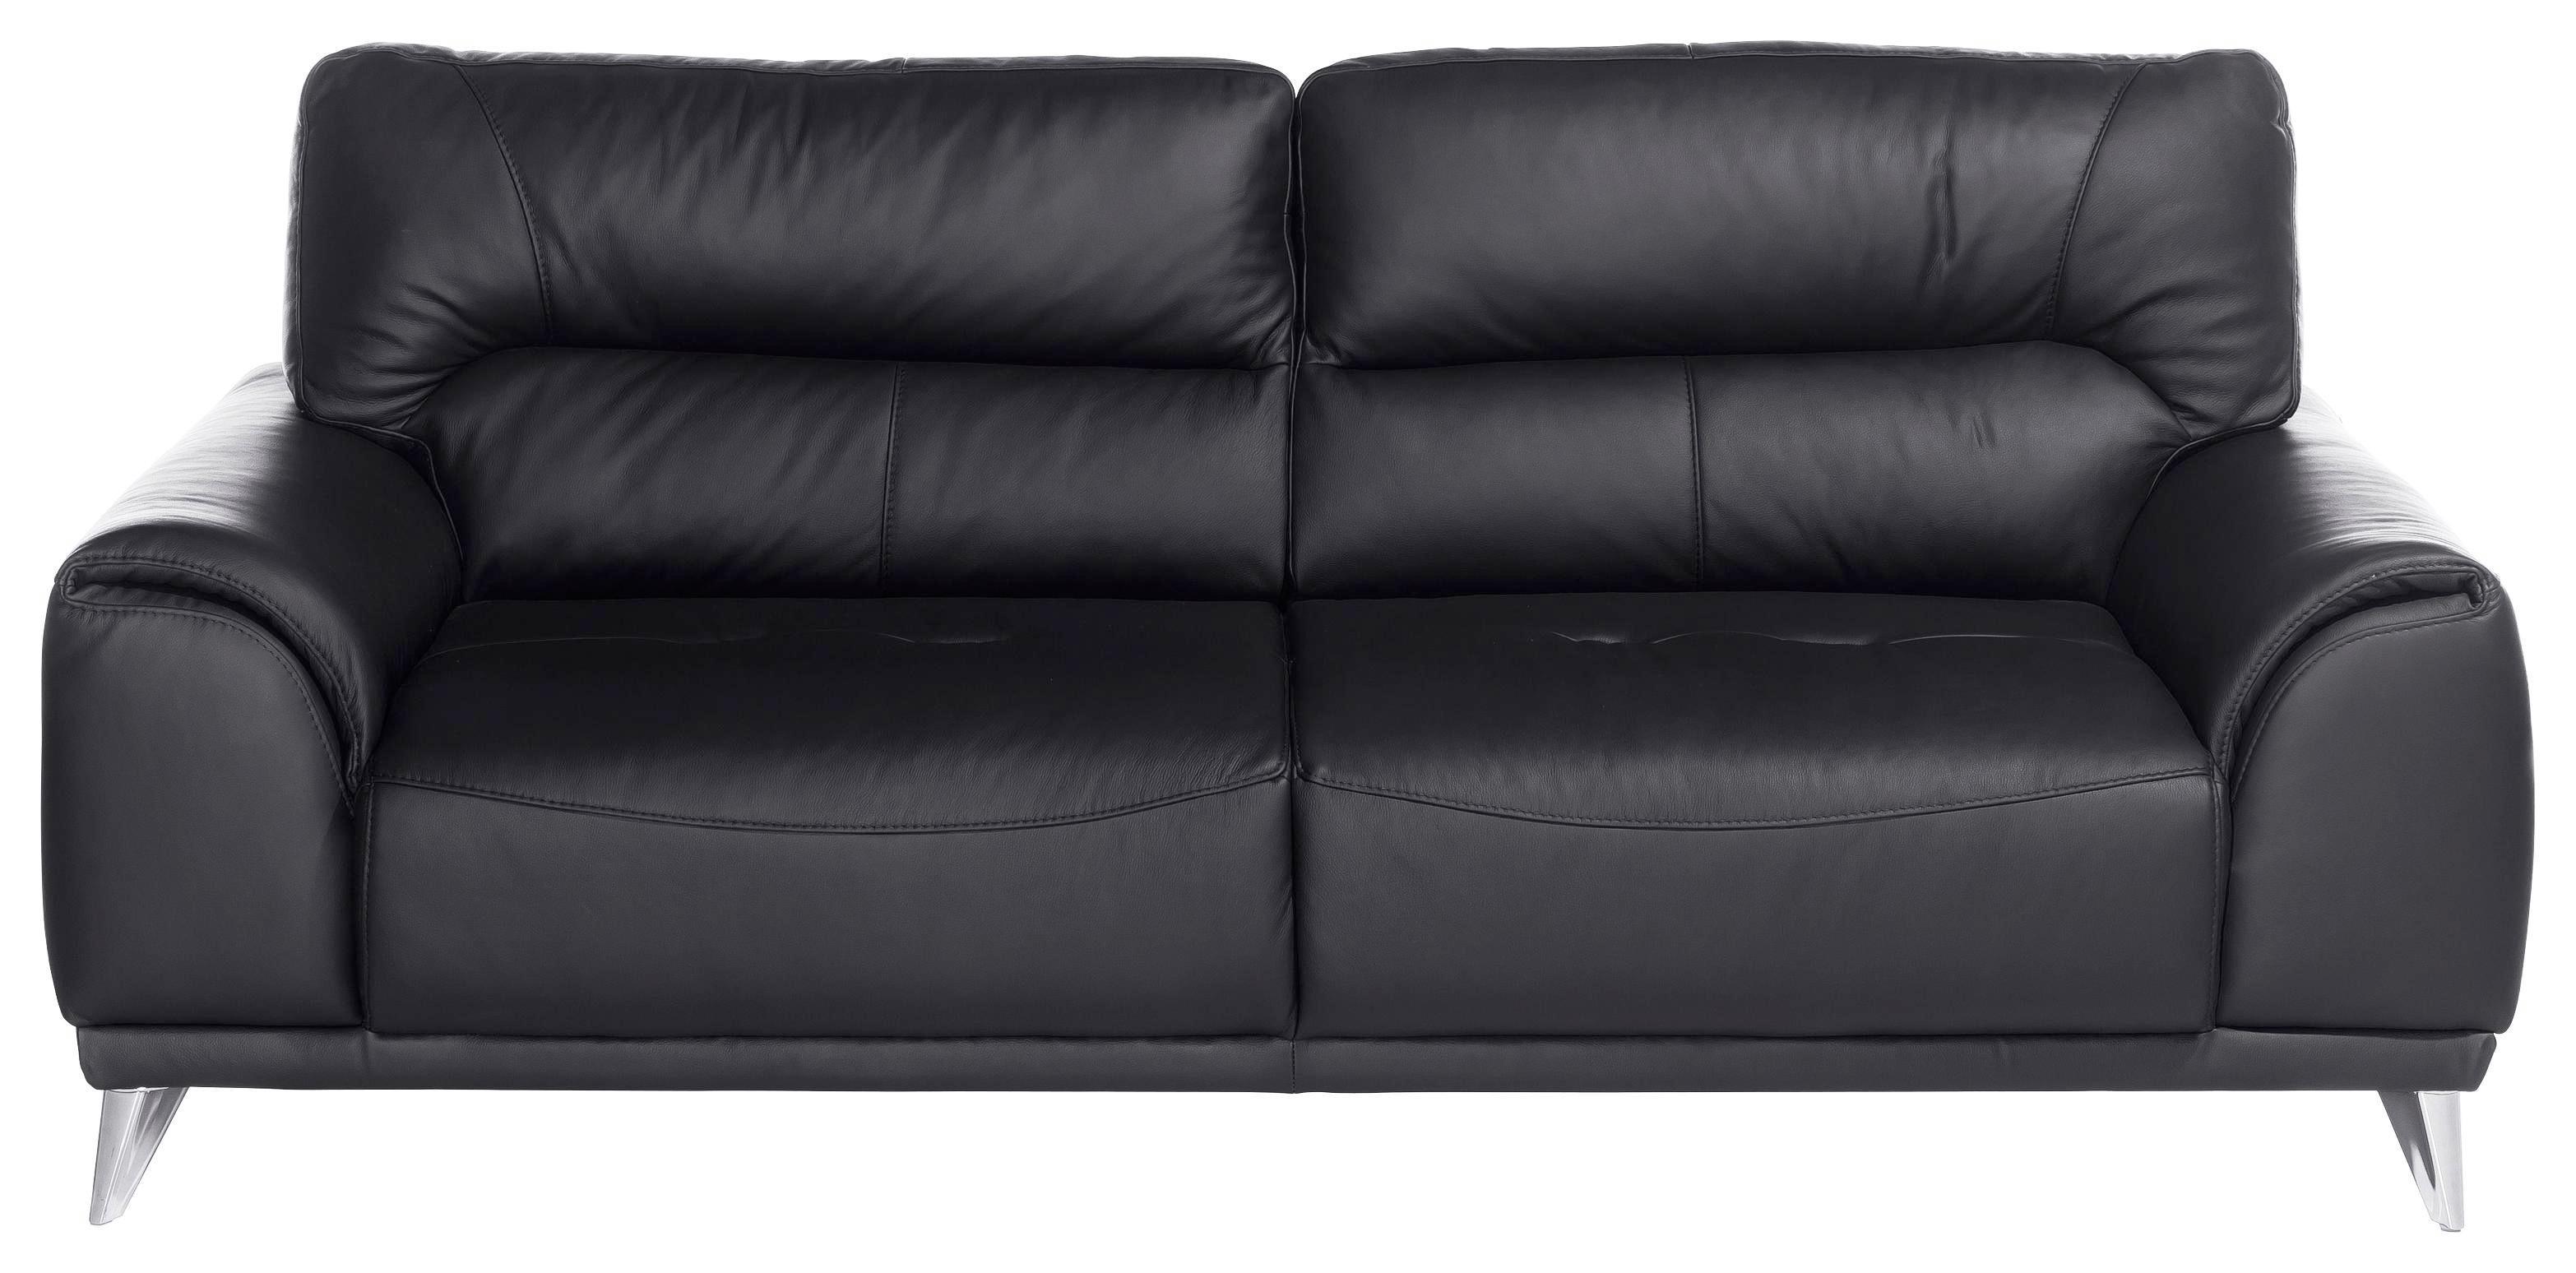 wo sofa kaufen collection ab schlafsofa inklusive bettkasten und keder wahlweise federkern. Black Bedroom Furniture Sets. Home Design Ideas